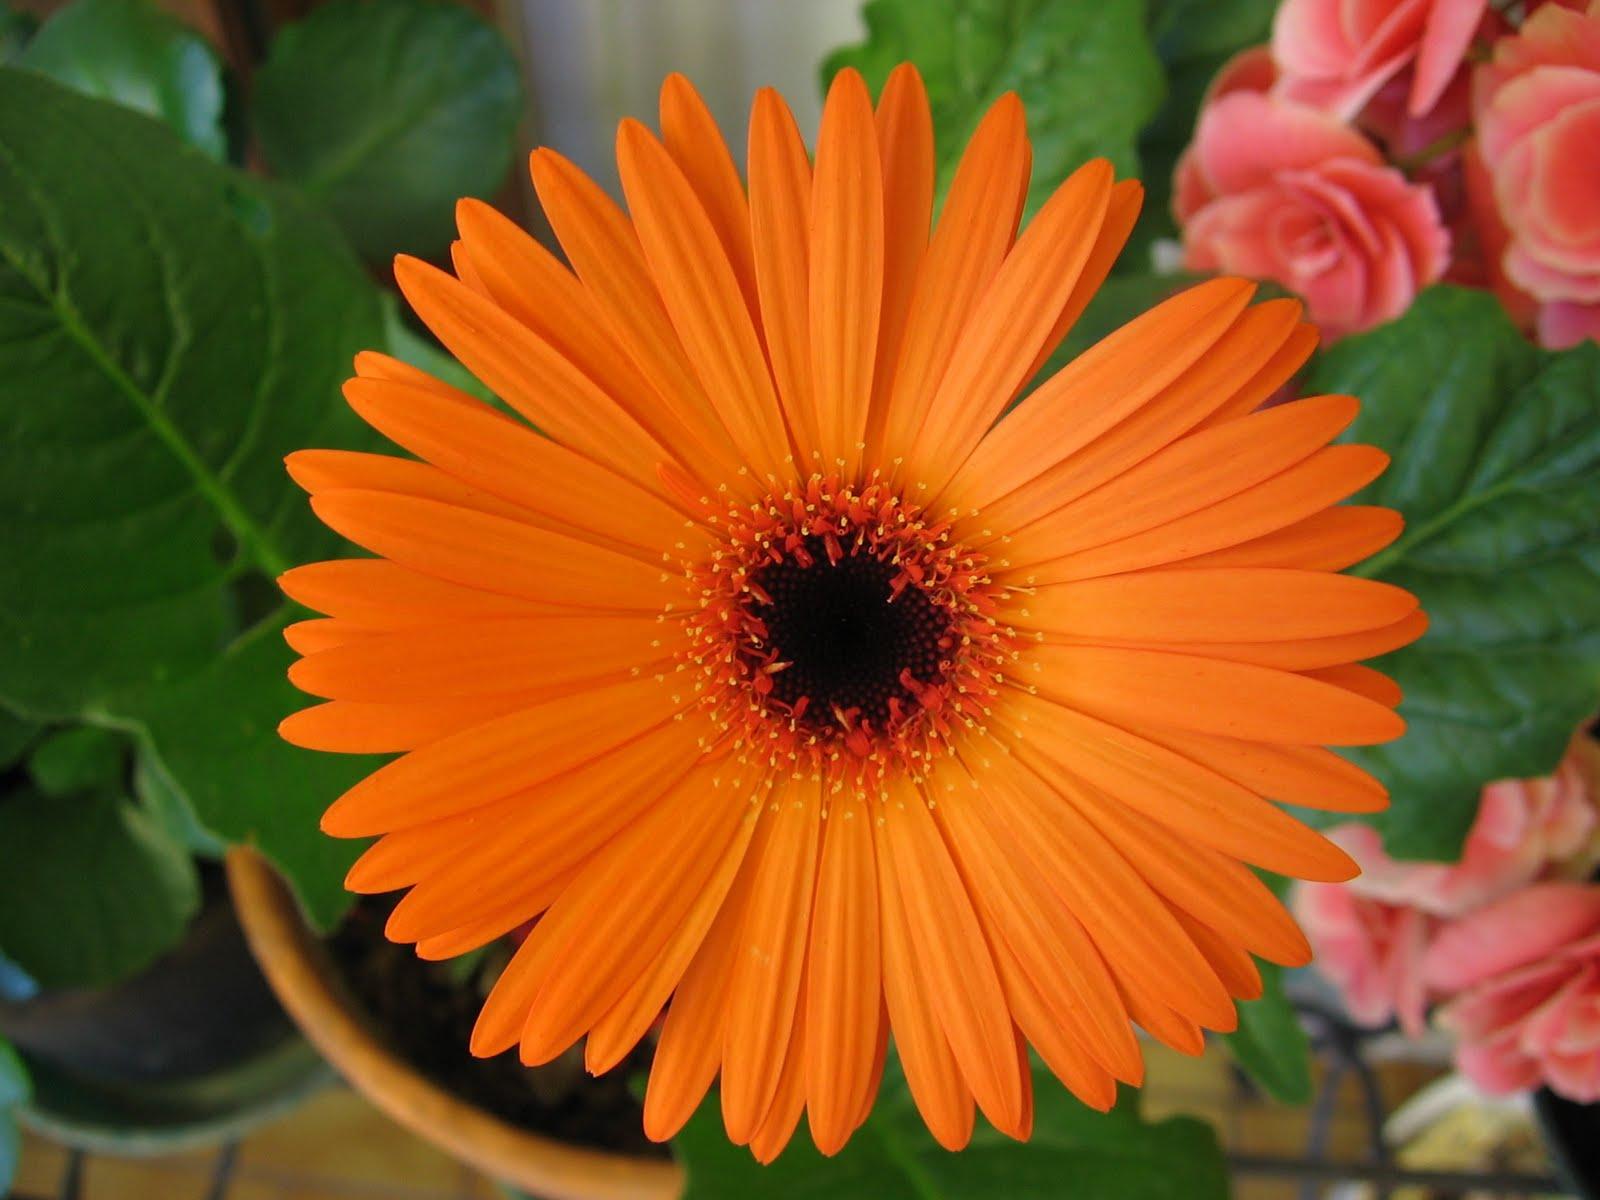 Wedding Flowers: Orange Gerberas